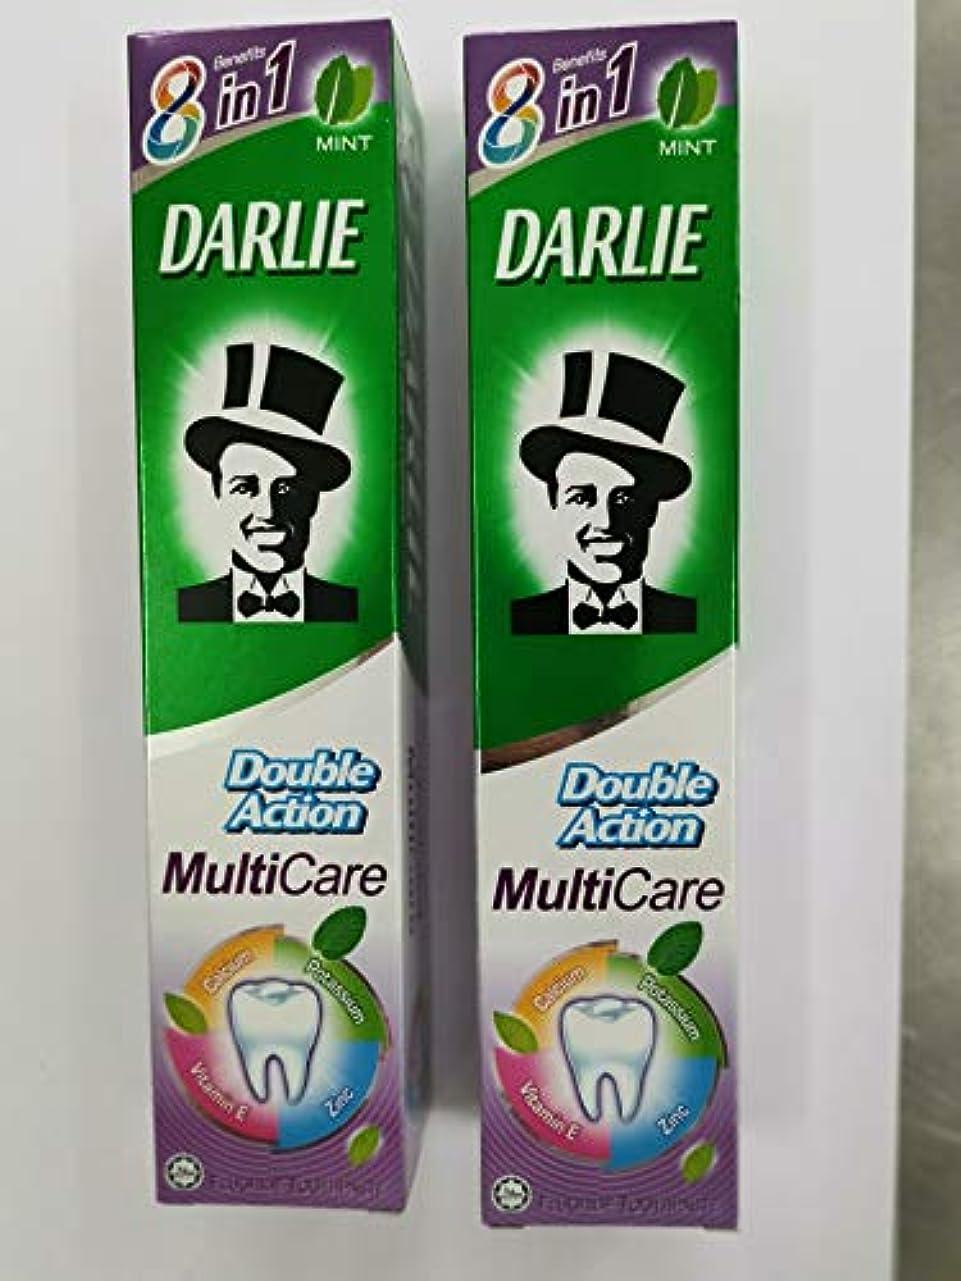 独立かる椅子DARLIE 歯磨き粉ダブルアクションマルチケア 180g x 2-空洞を飛行し、歯を強化するフッ化物が含まれています